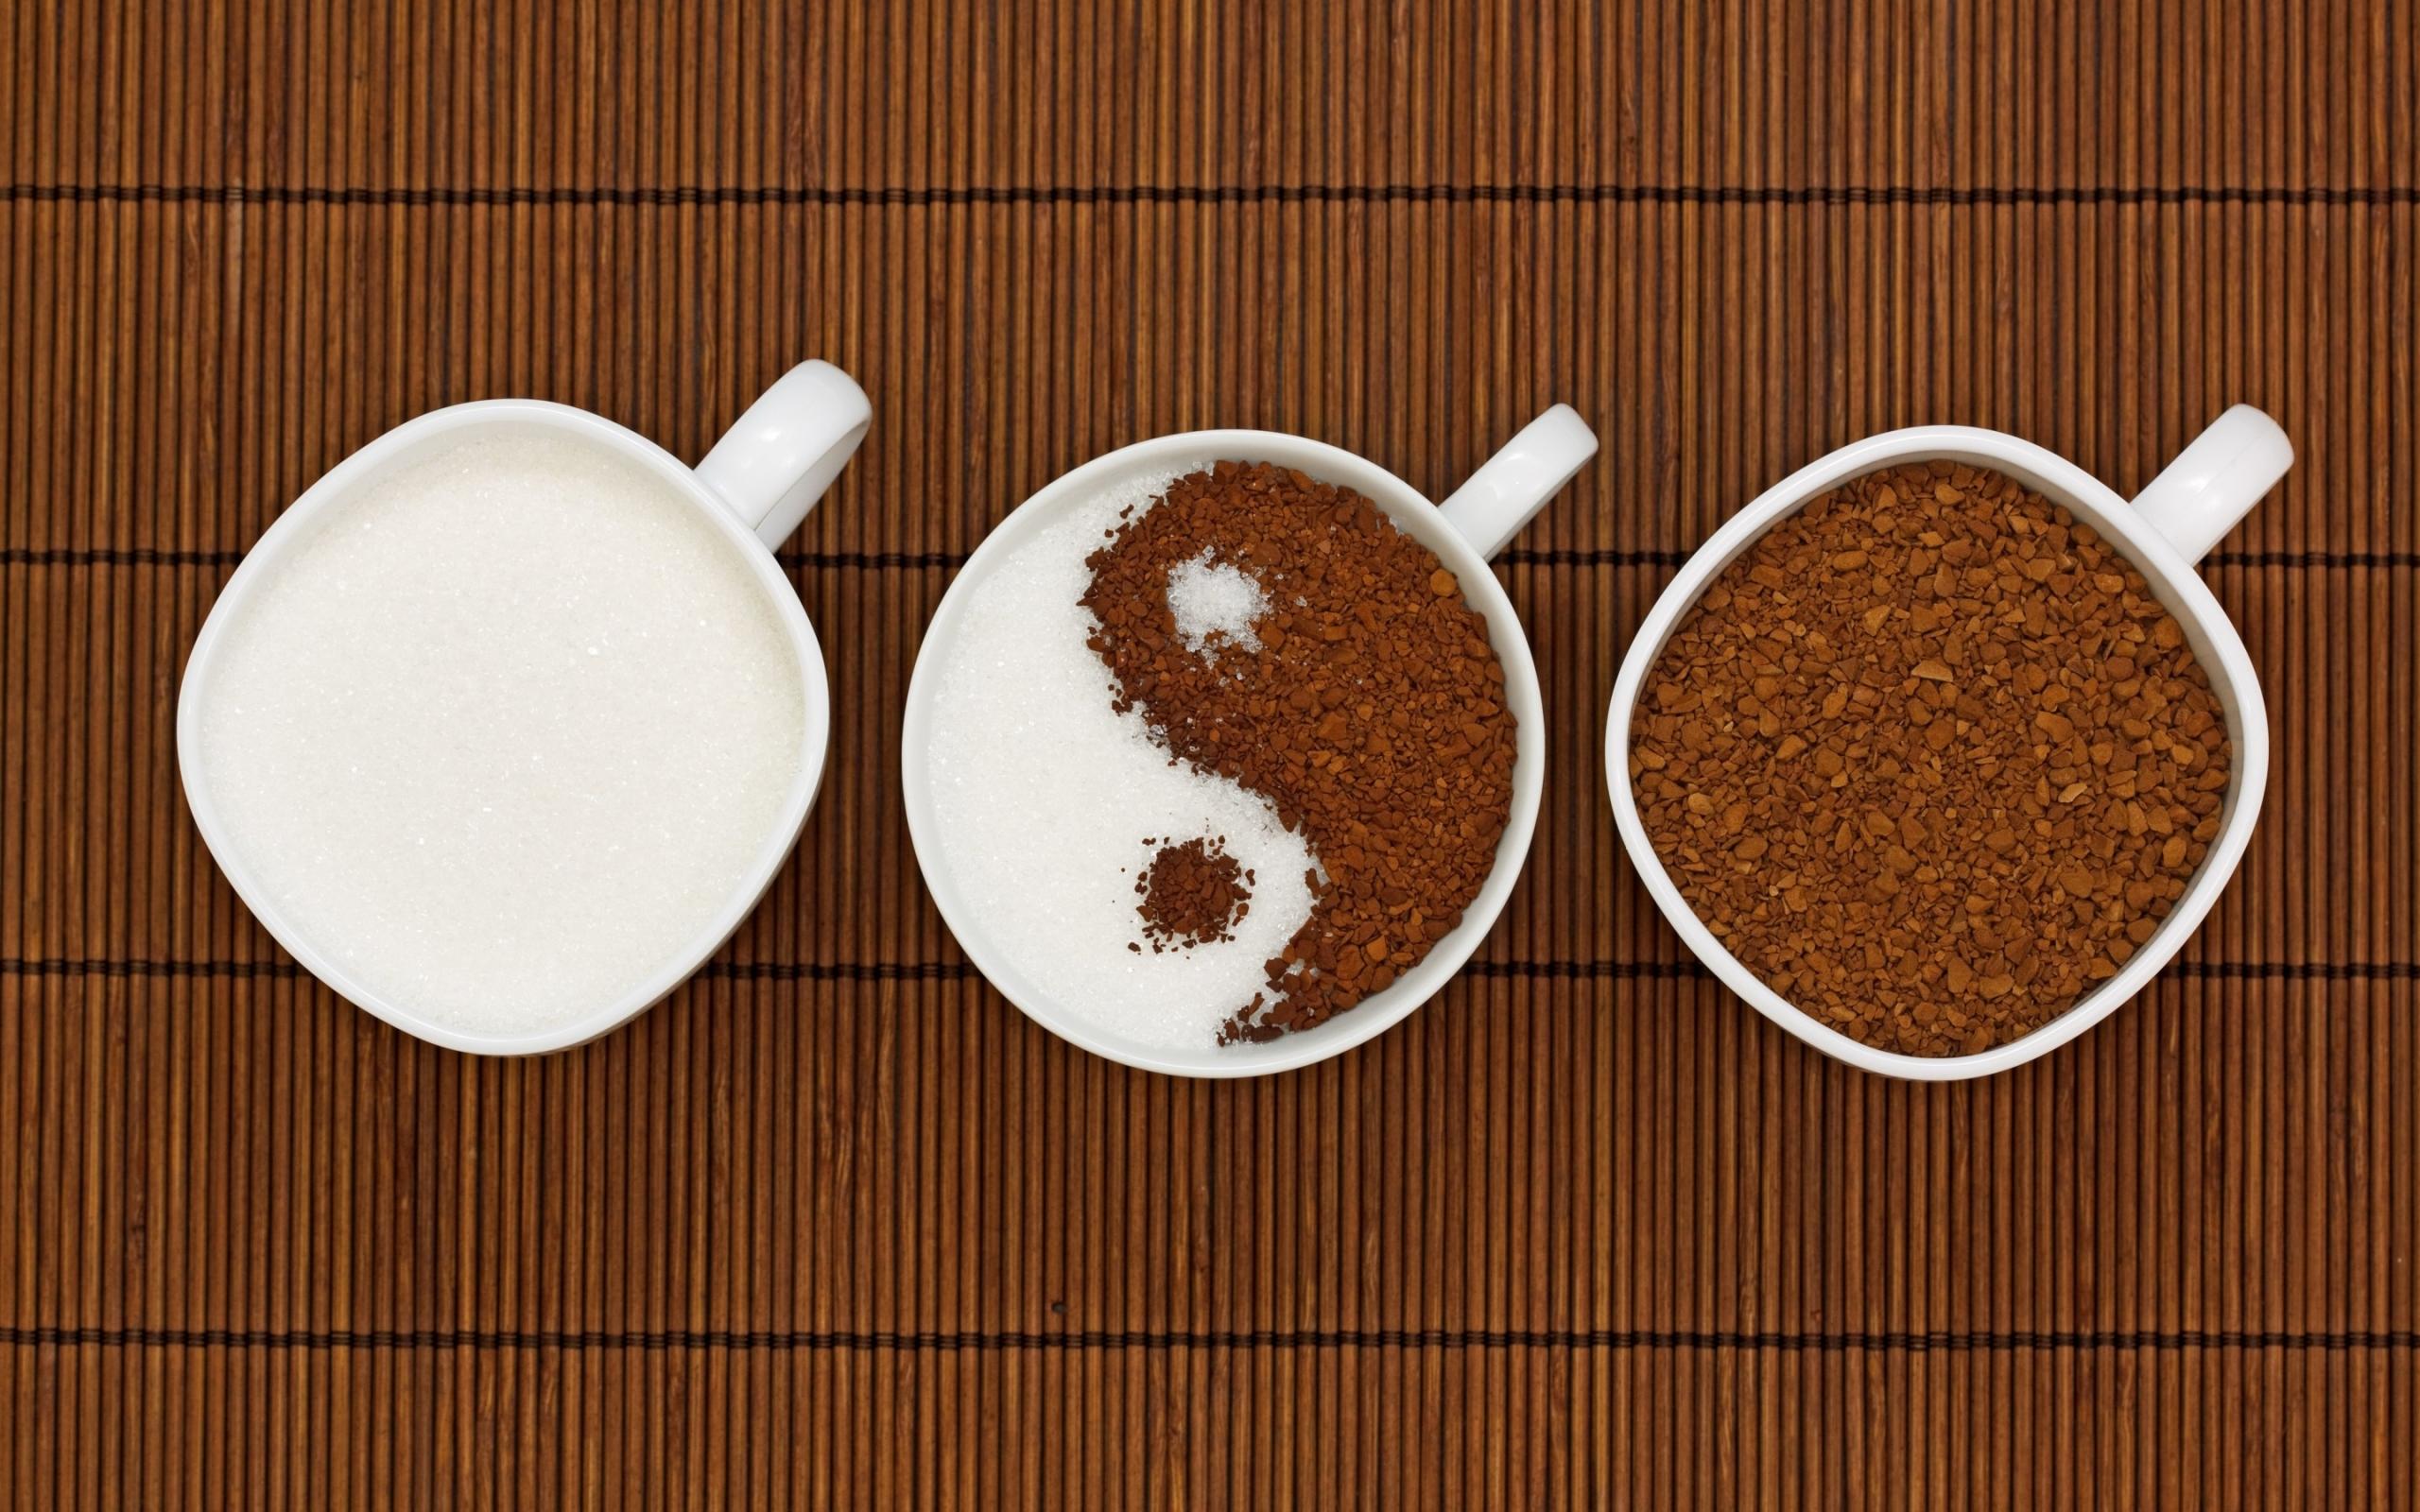 кофе, кофейня, кофейный дом, Coffee, coffeetrees, происхождение кофе, латте, капучино, эспрессо, американо, рождение традиций, кофейные зерна, ароматный напиток, бодрящий, тонизирующий, Ближний Восток, Турция, Европа, Голландия, Англия, Франция